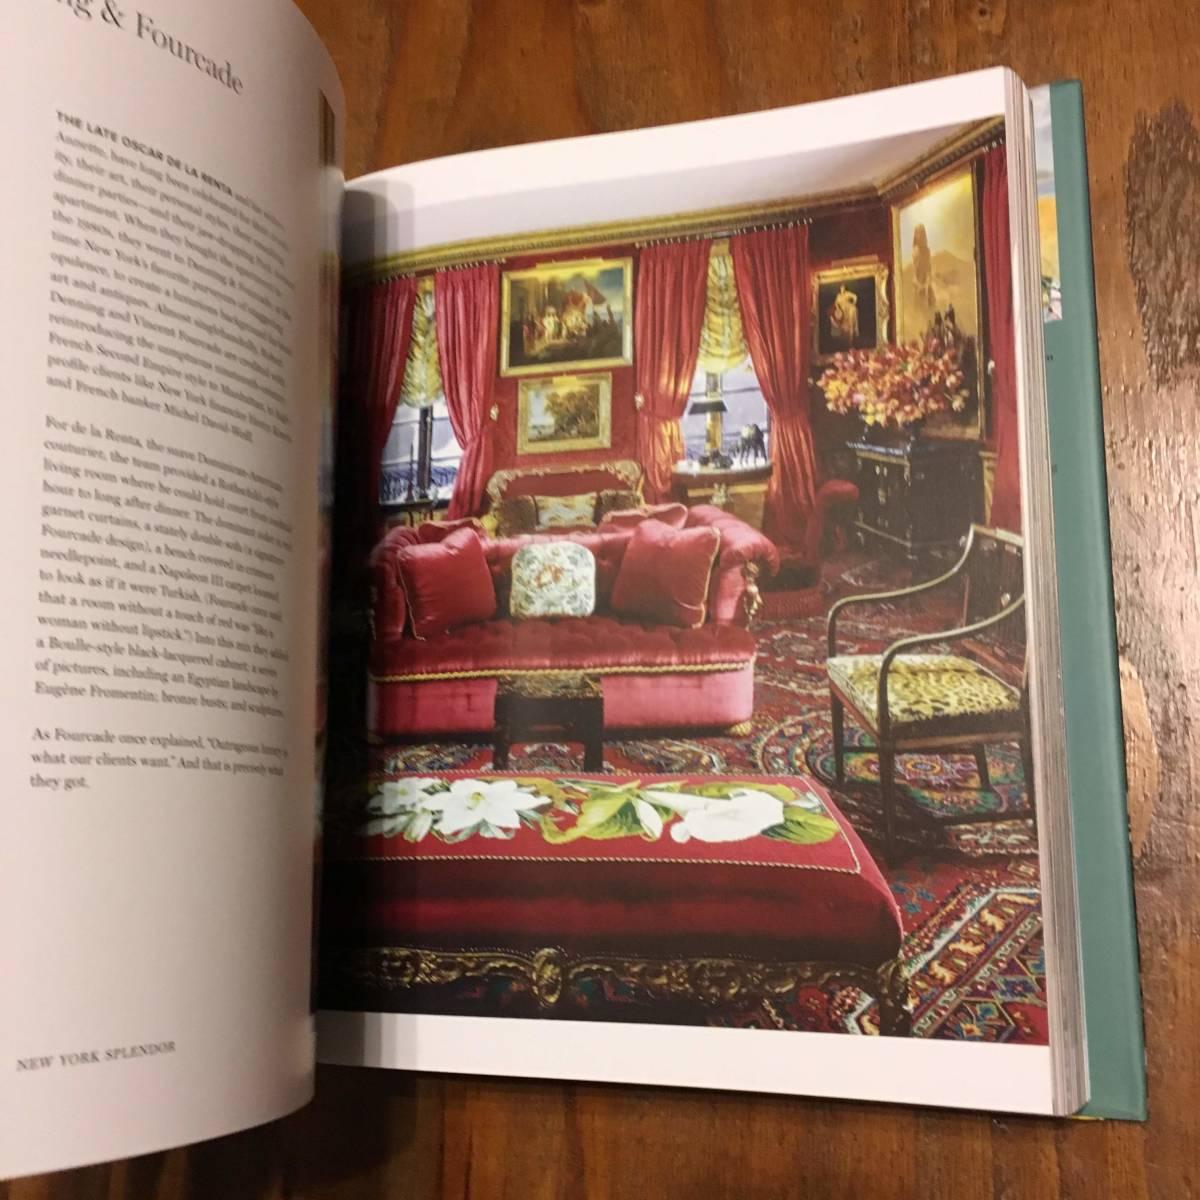 2018年 New York Splendor The City's Most Memorable Rooms Wendy Moonan Robert A.M Stern Rizzoli ニューヨーク luxury 部屋 デザイン_画像7